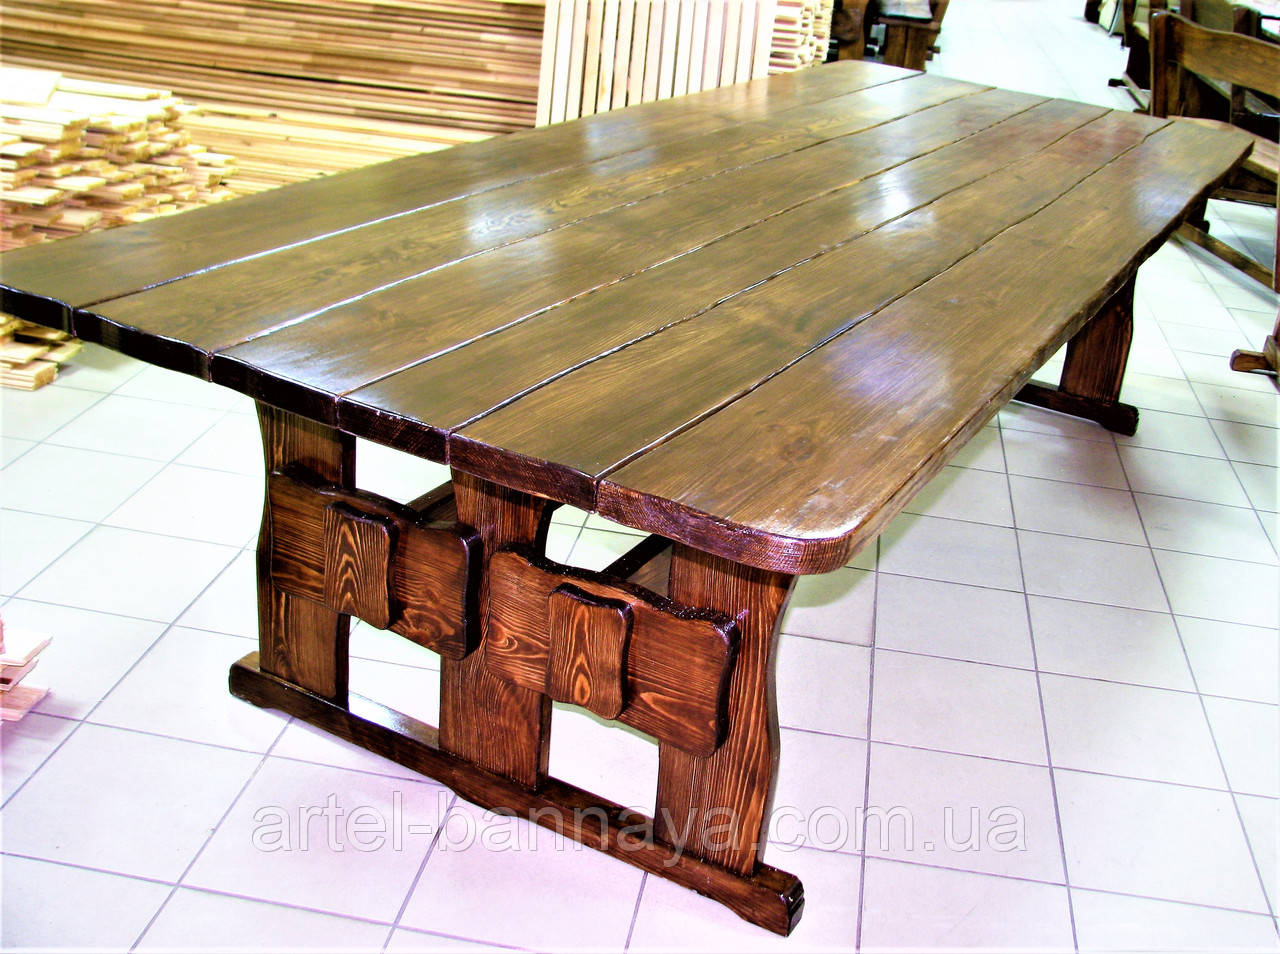 Стол деревянный для кафе, баров, ресторанов 3000*1200 от производителя